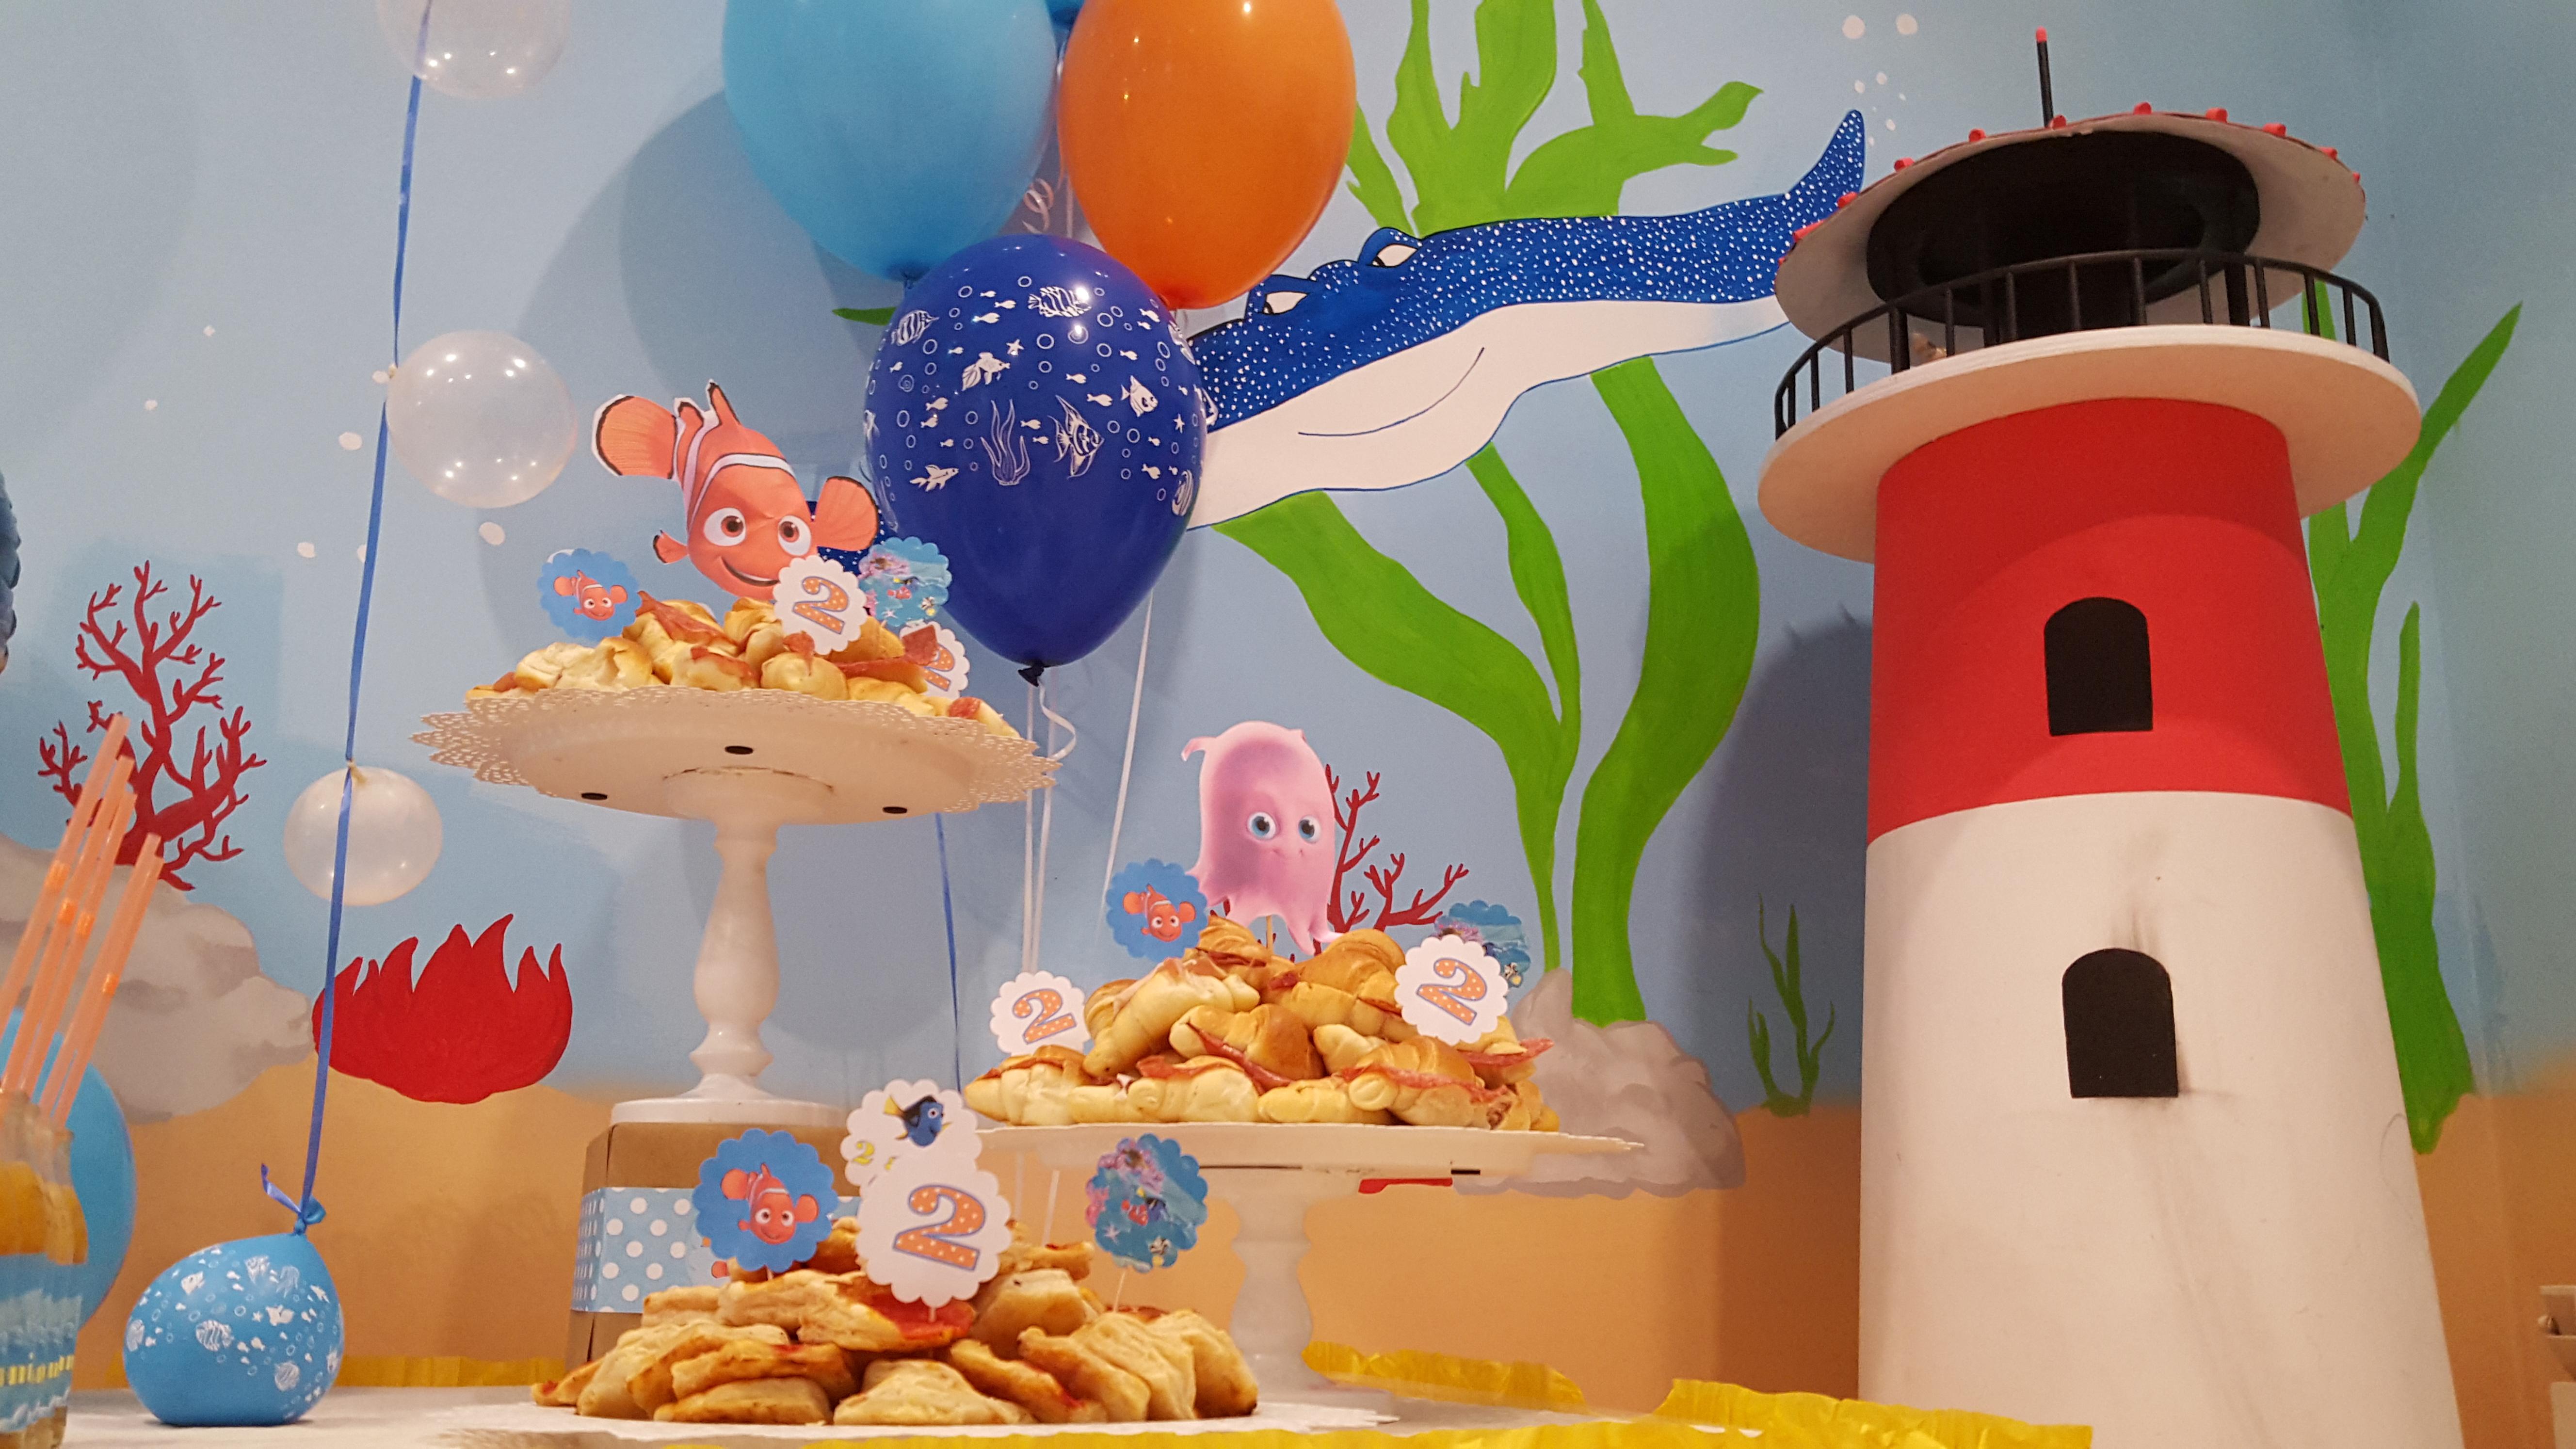 Festa Nemo Addobbi Nemo Compleanno Demo Decorazioni Nemo Accessori ...